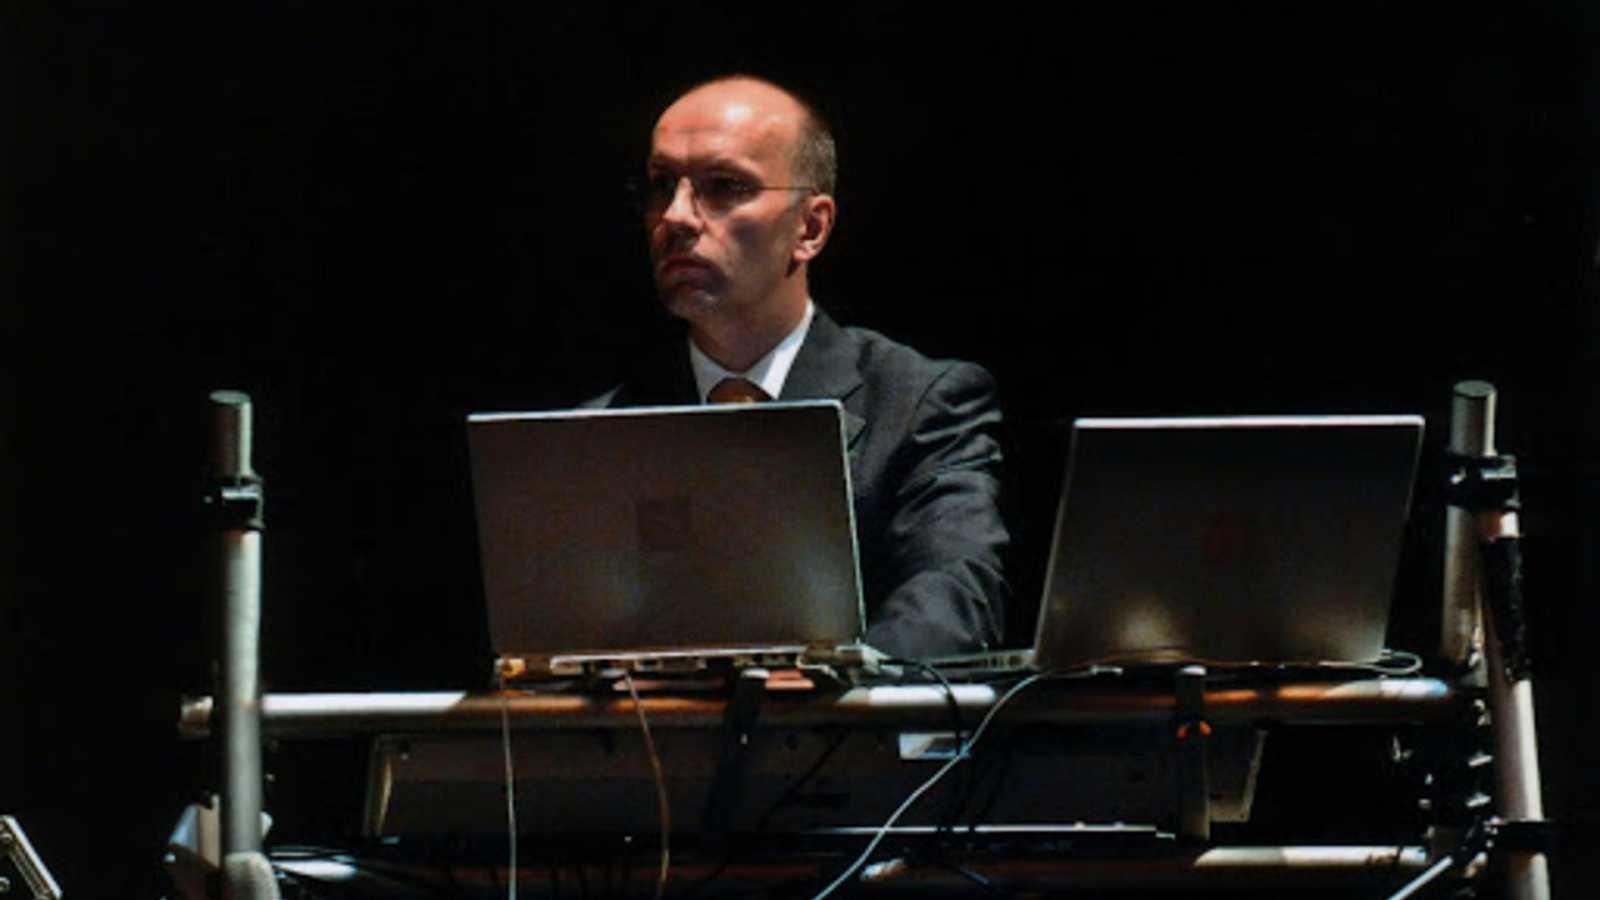 Música viva - Entrevista con Hans Tutschku - 24/05/20 - escuchar ahora